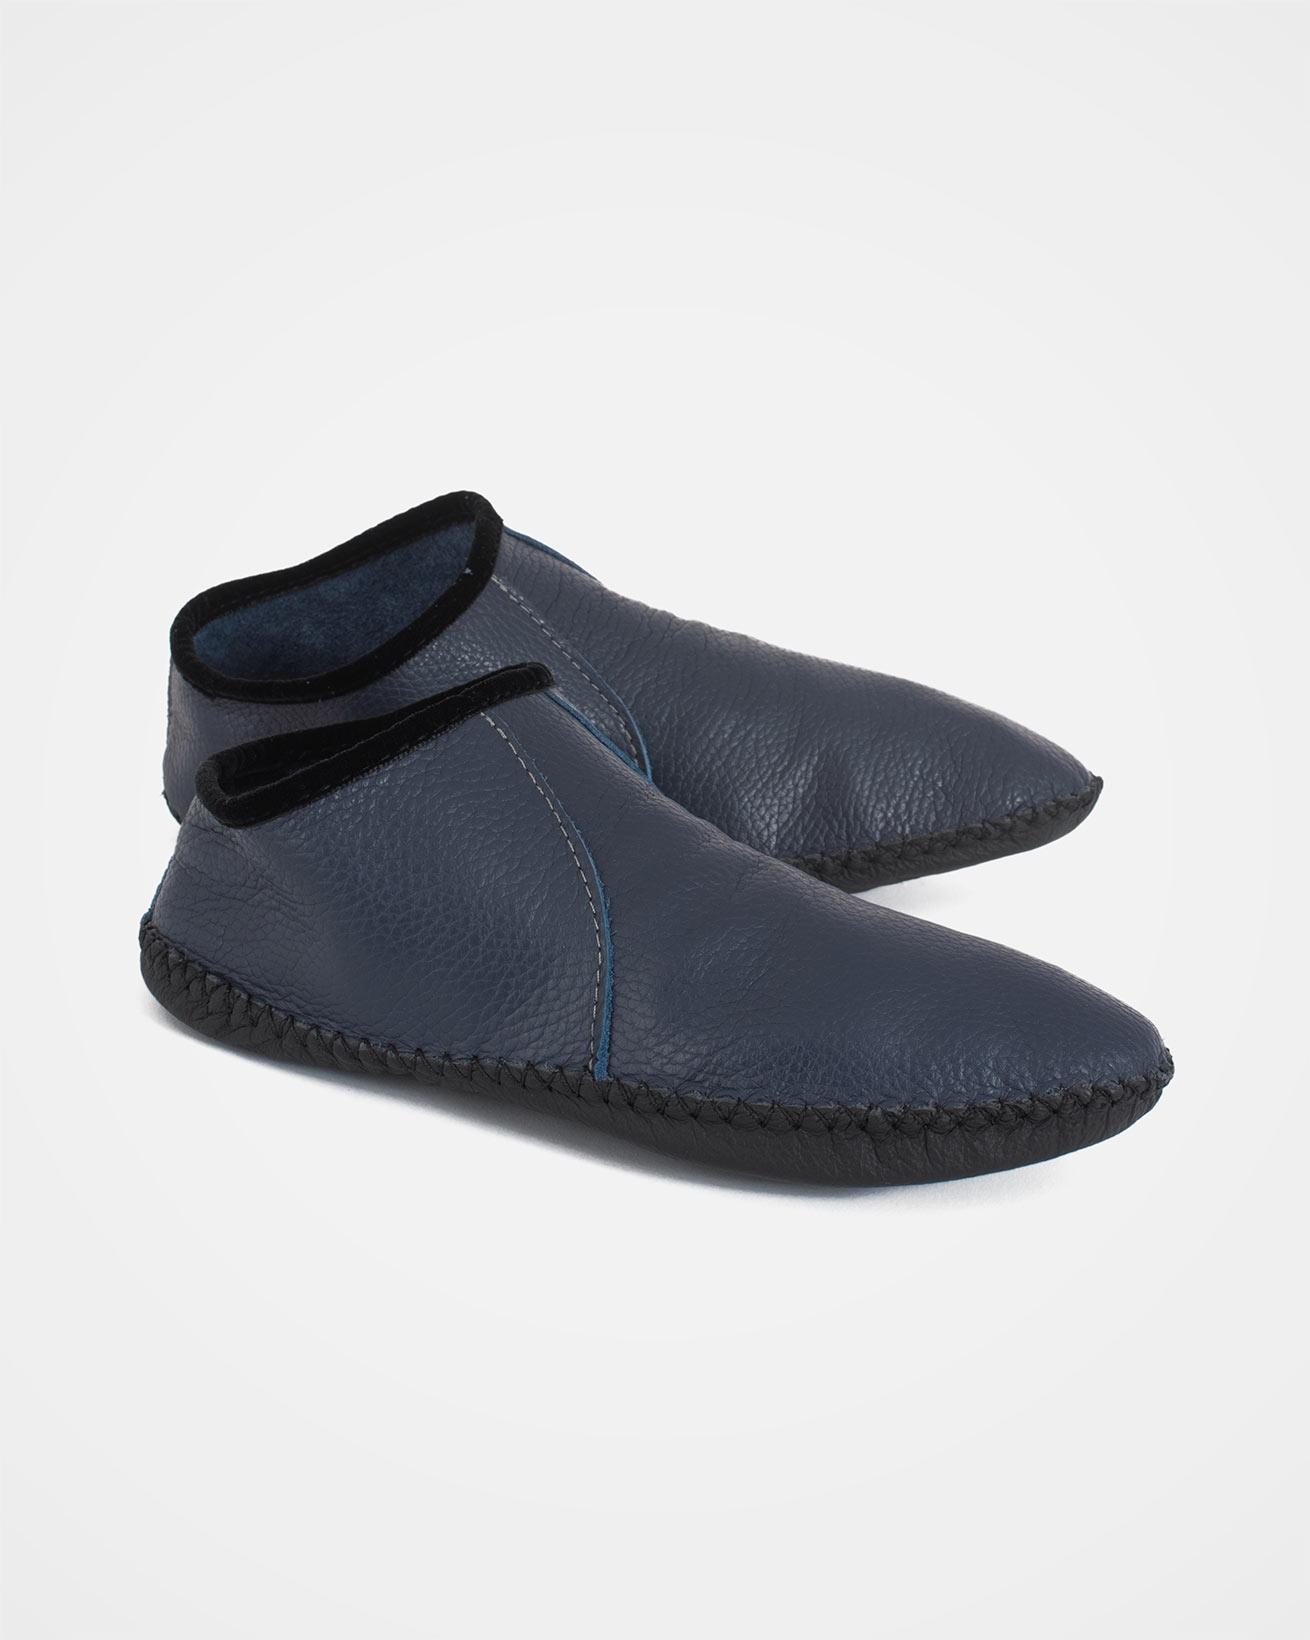 Leather Baboushka